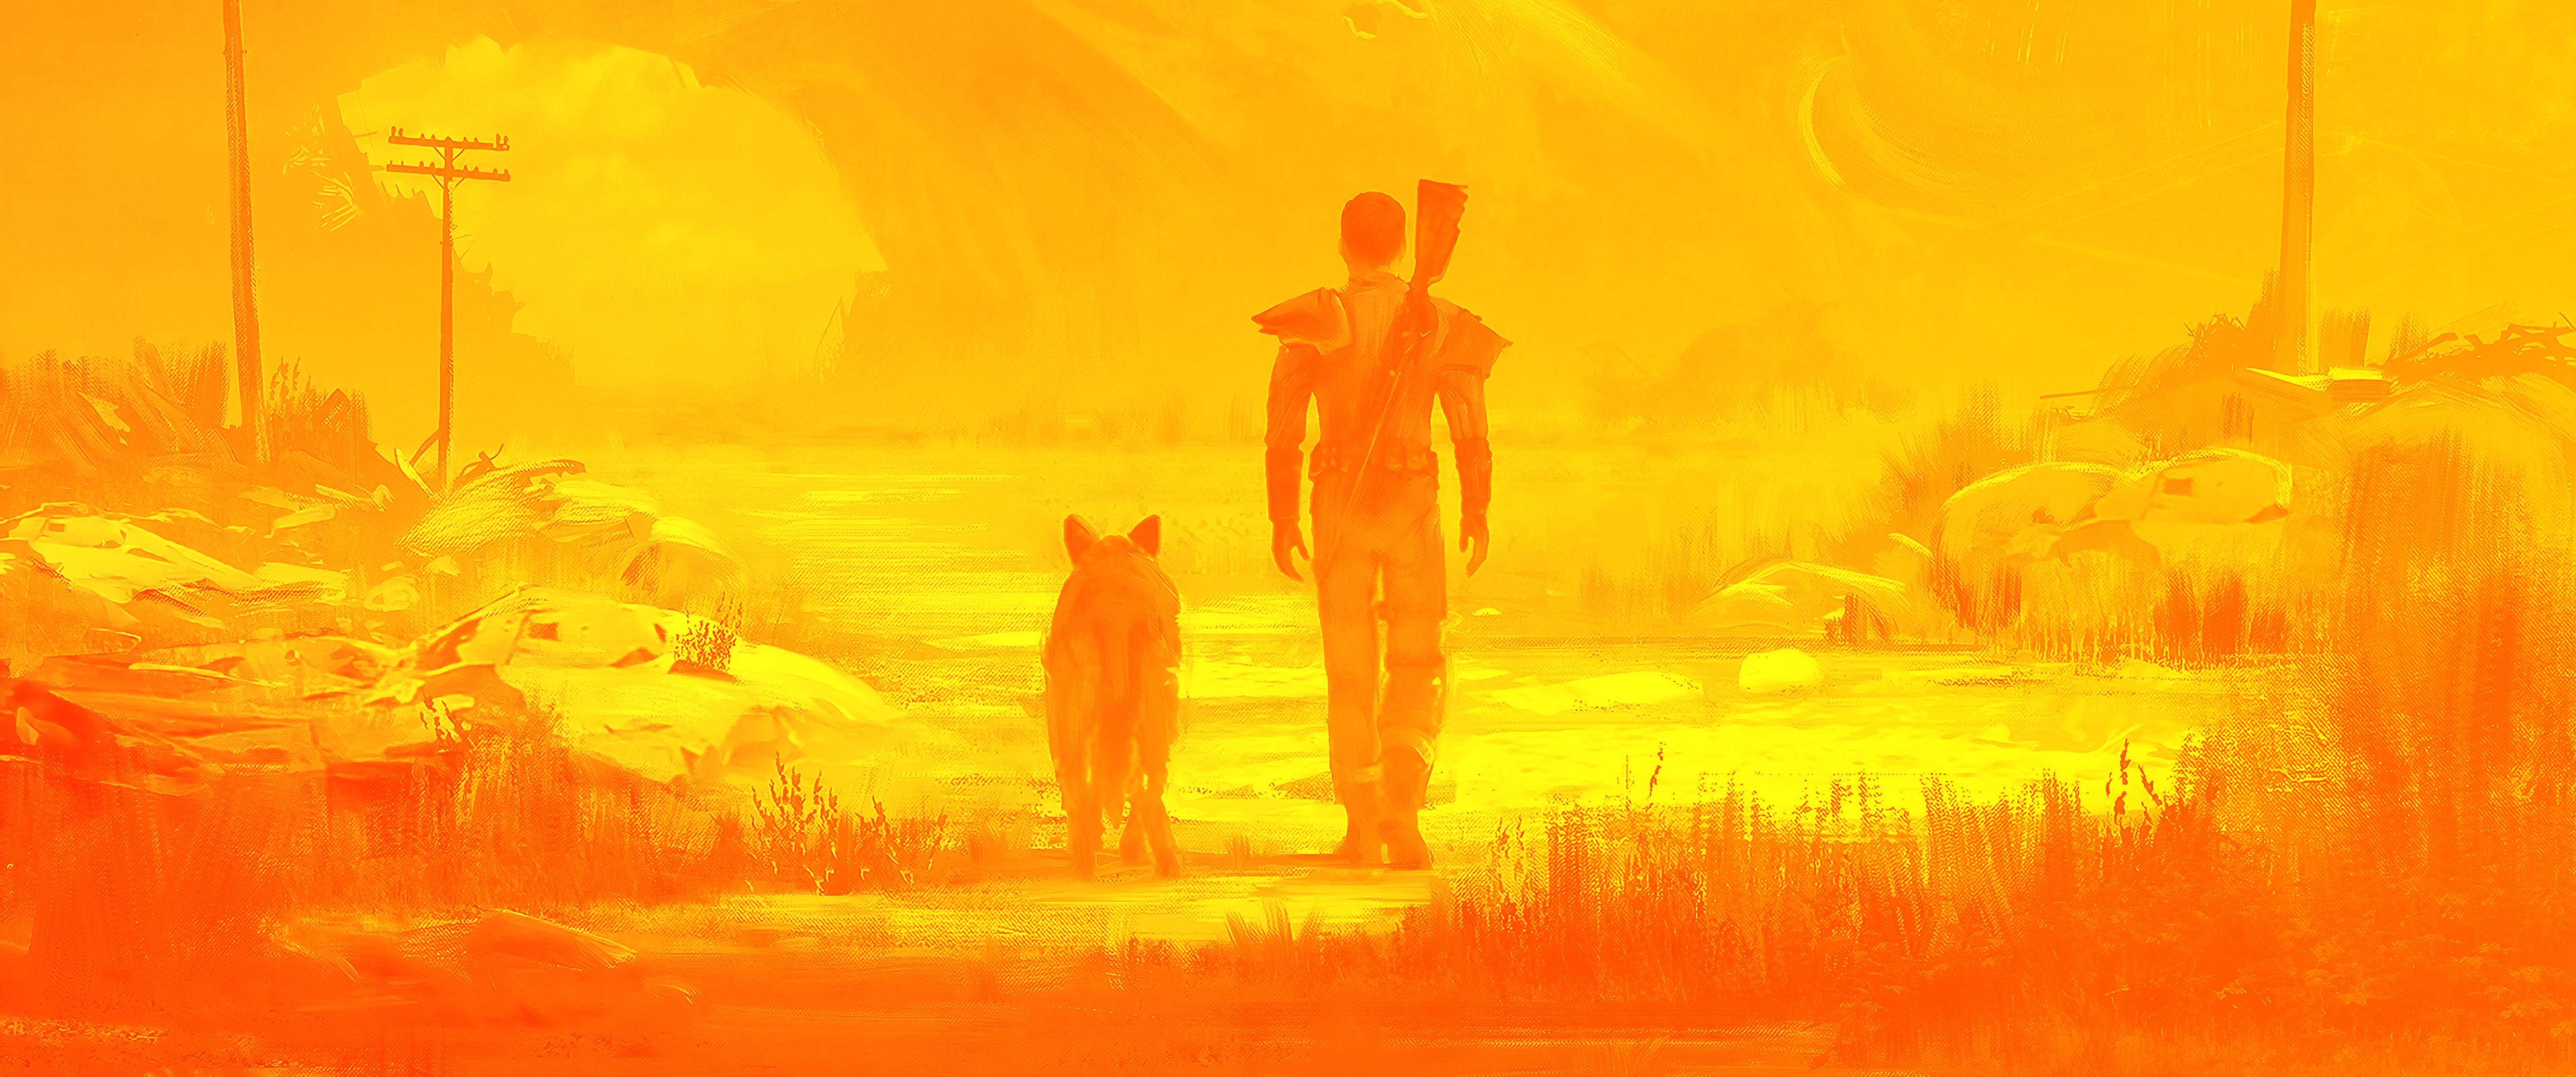 Artwork van Fallout 4, één van de franchises die sinds kort in het bezit is van Xbox.